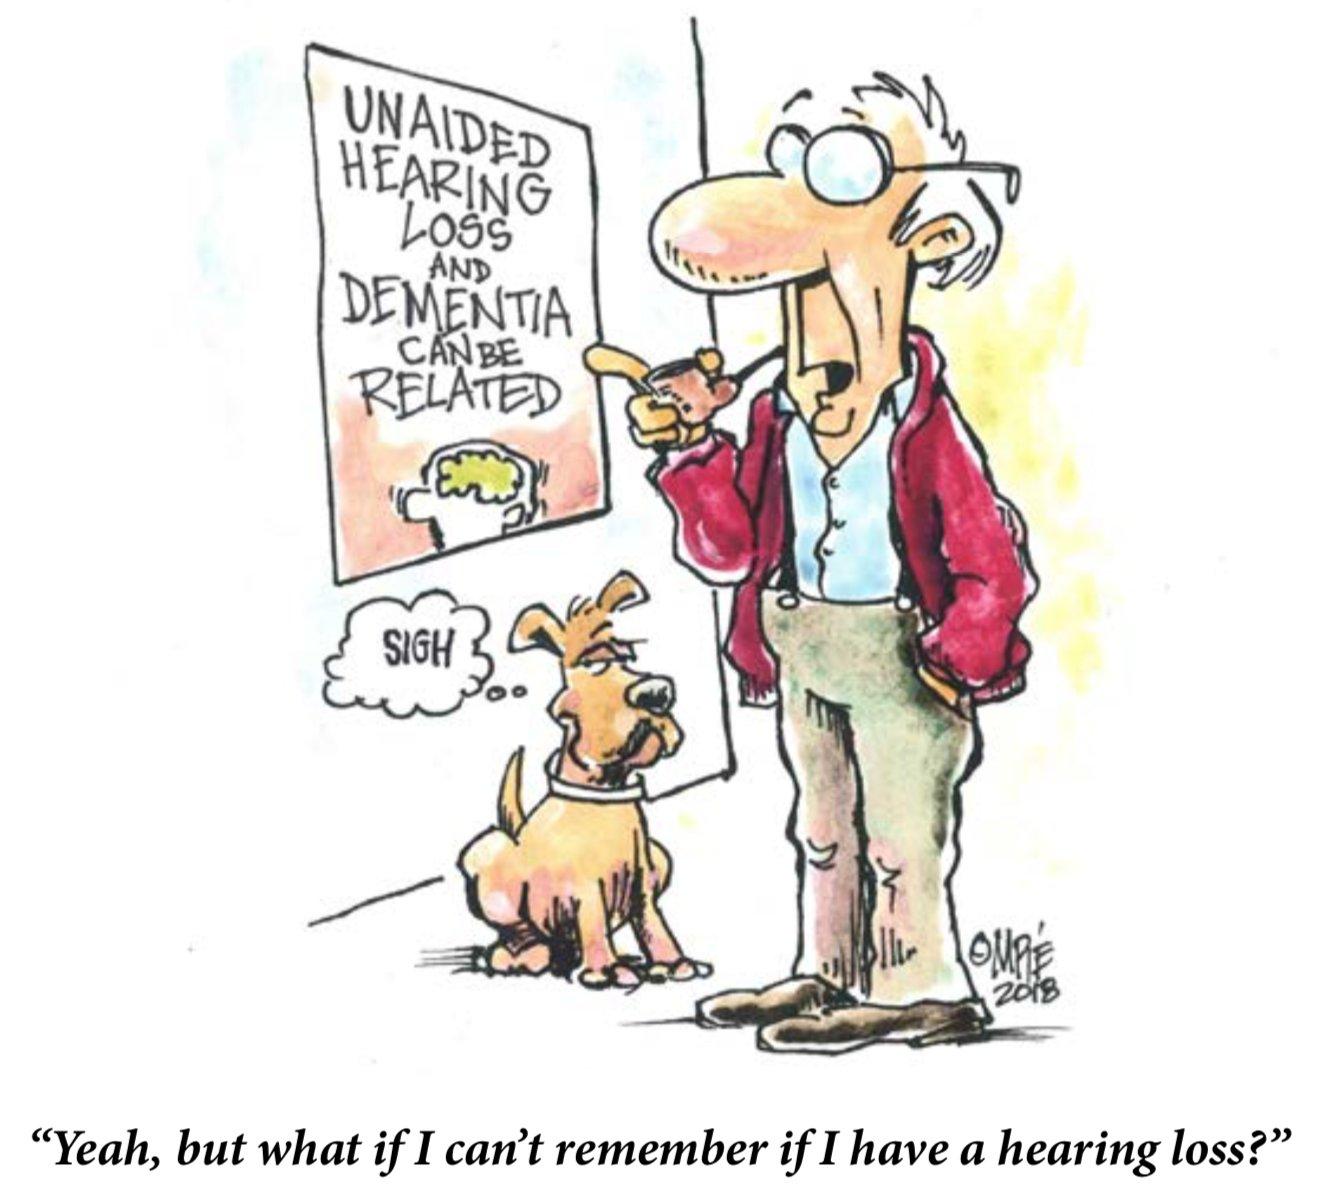 HU-Hearing-Loss-dementia